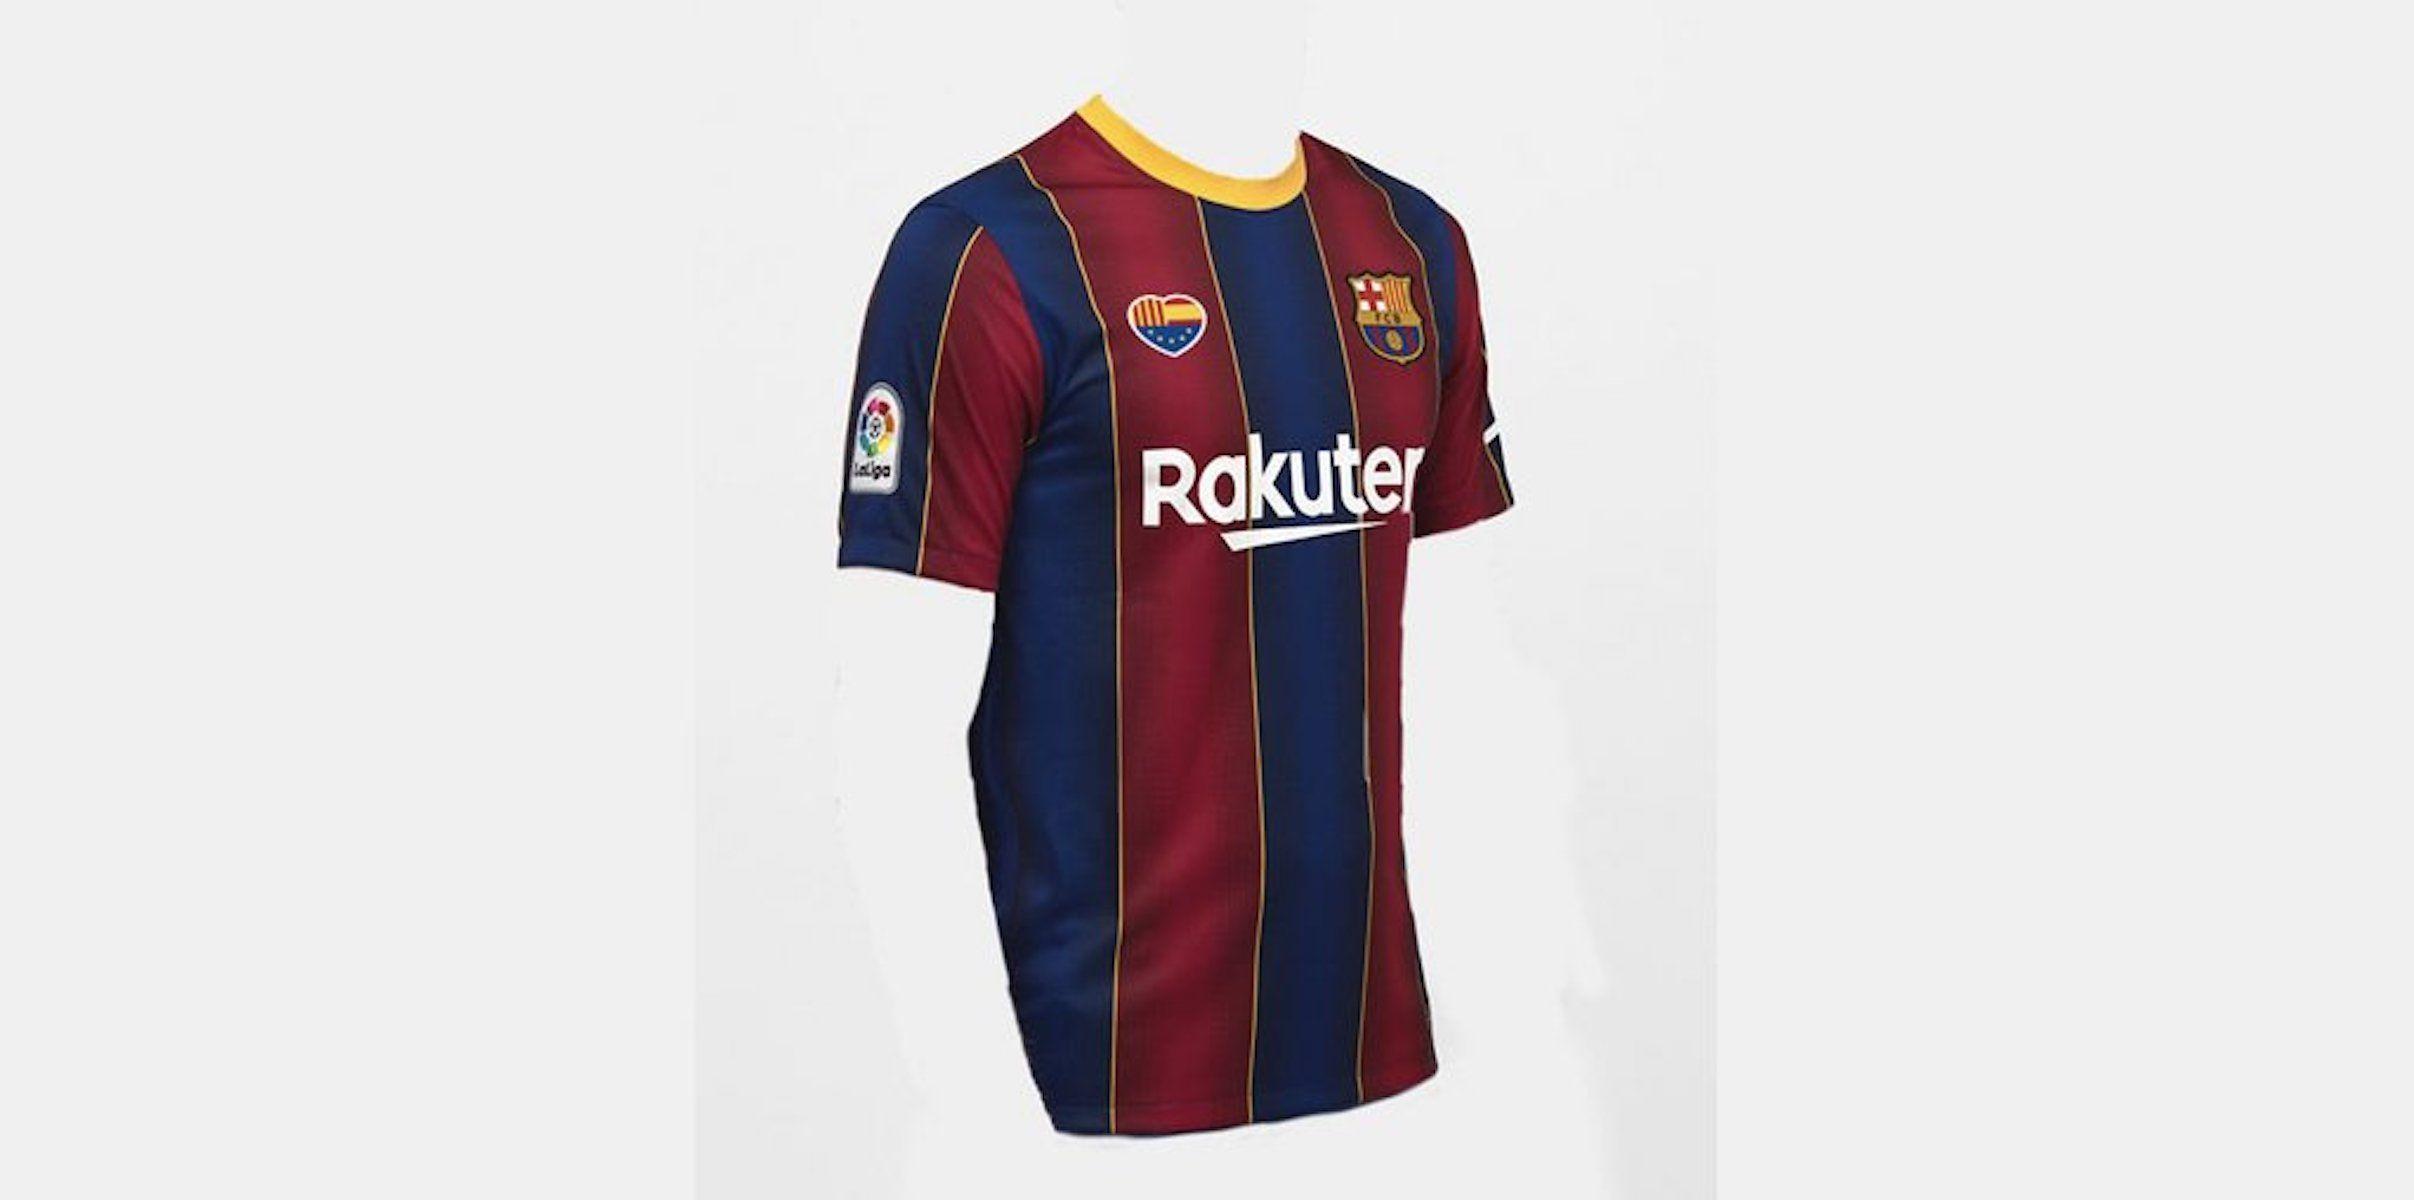 Polèmica innocentada de Ciutadans  col·loca el seu emblema a la samarreta del Barça   @CiudadanosCs